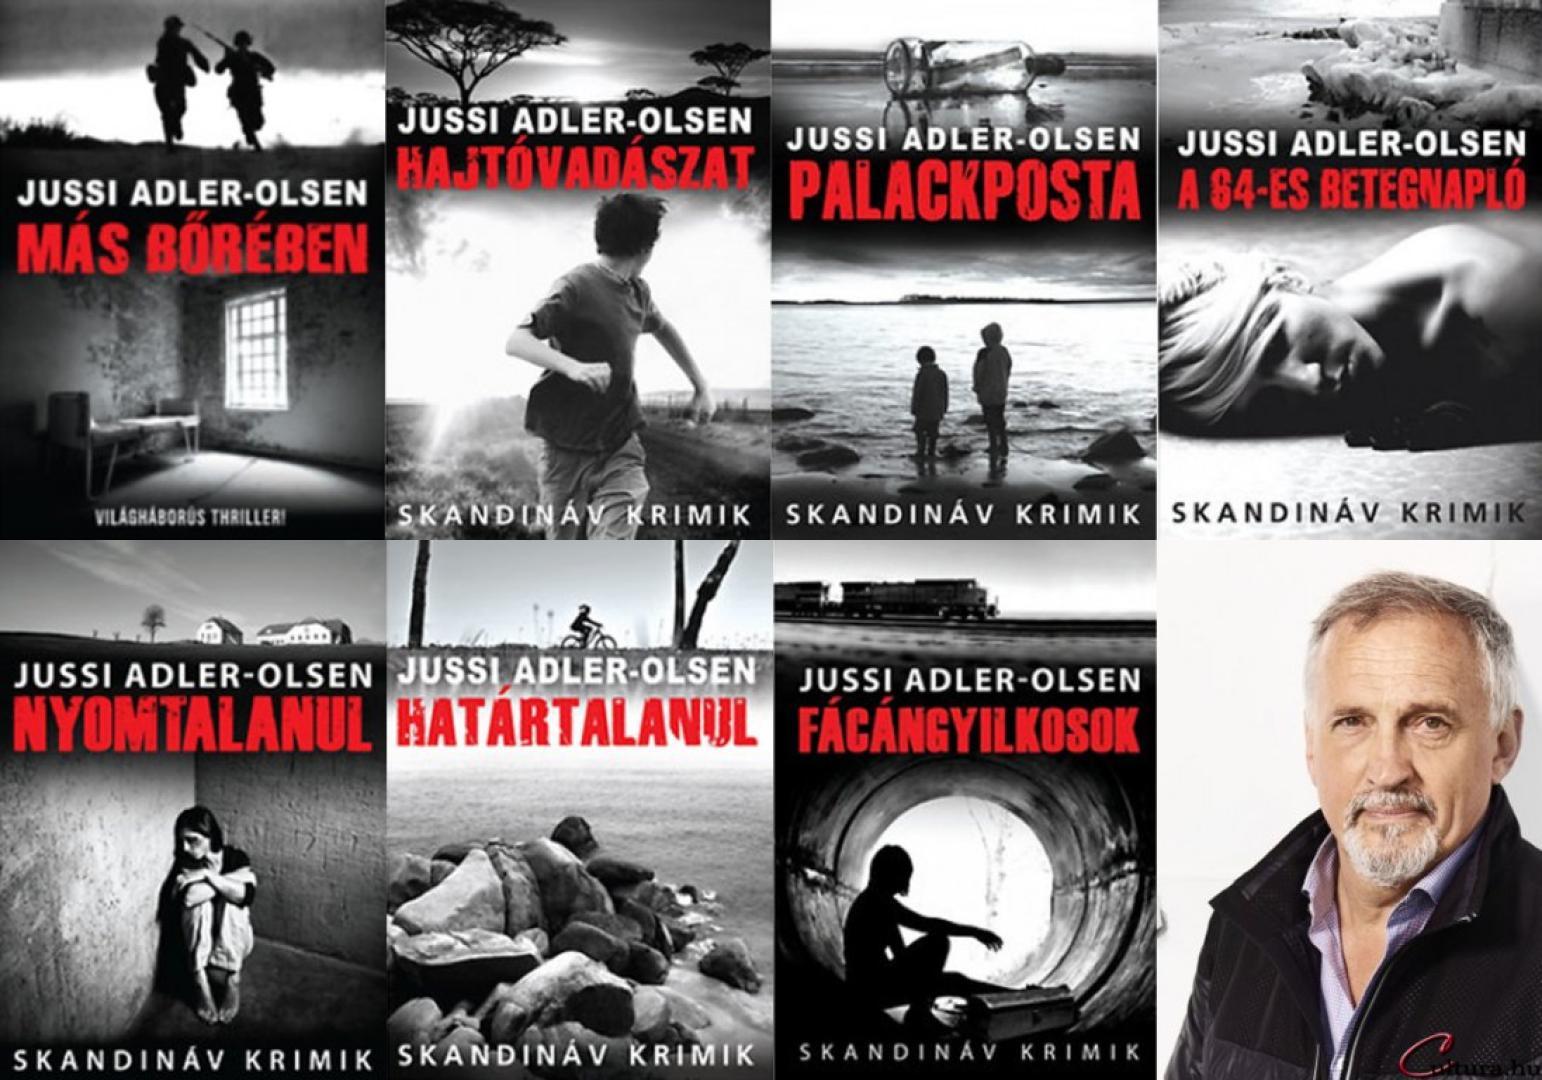 Jussi Adler-Olsen: A 64-es betegnapló (2010)